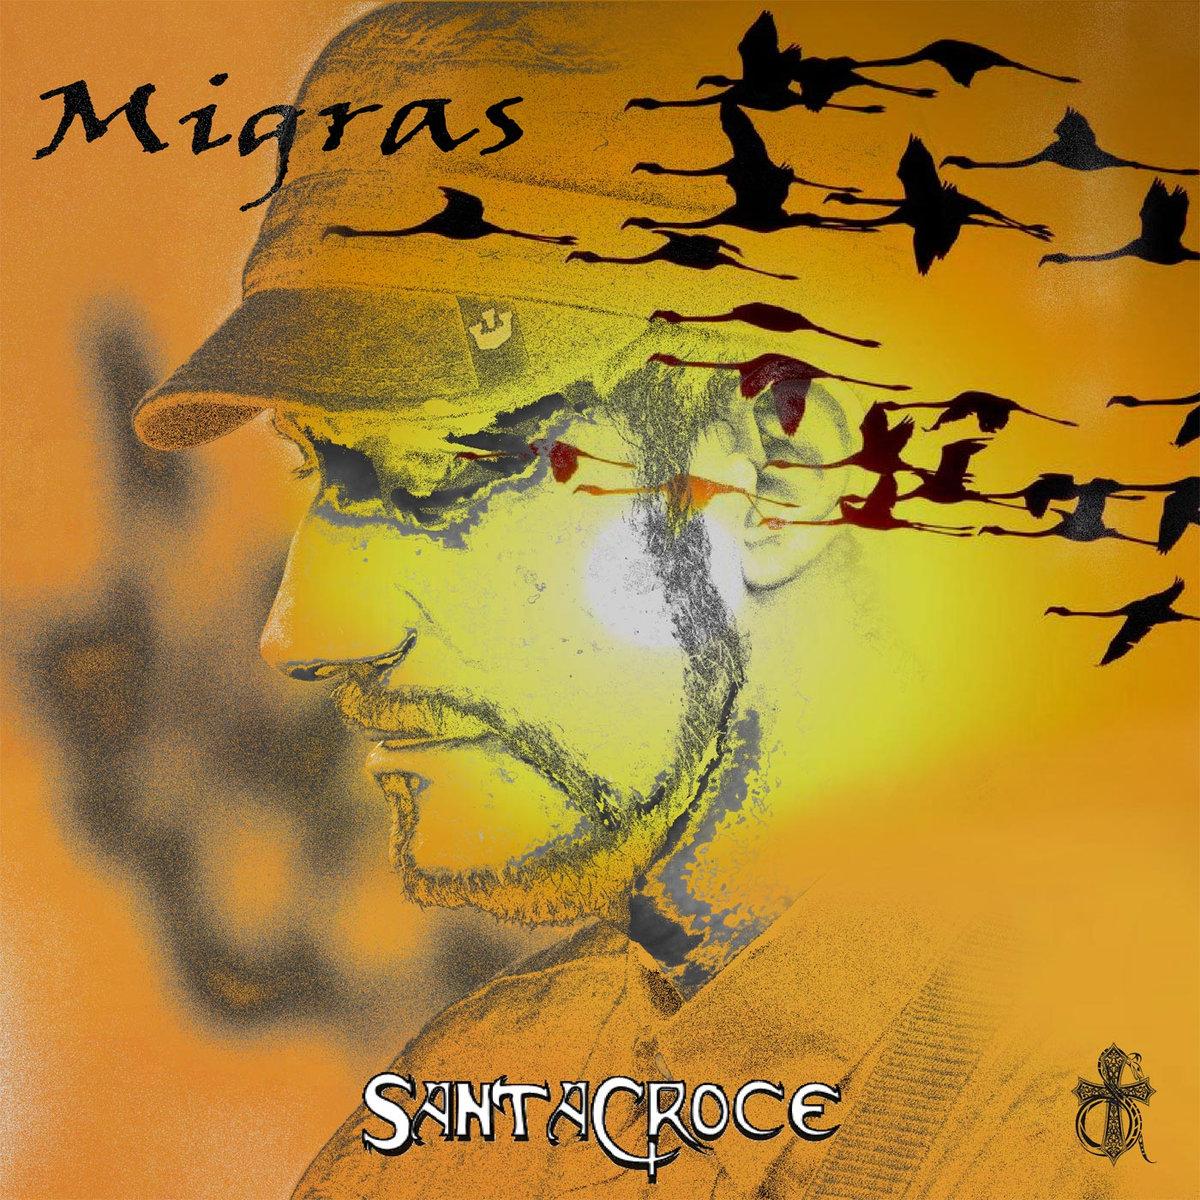 Santacroce - Migras 2 - fanzine